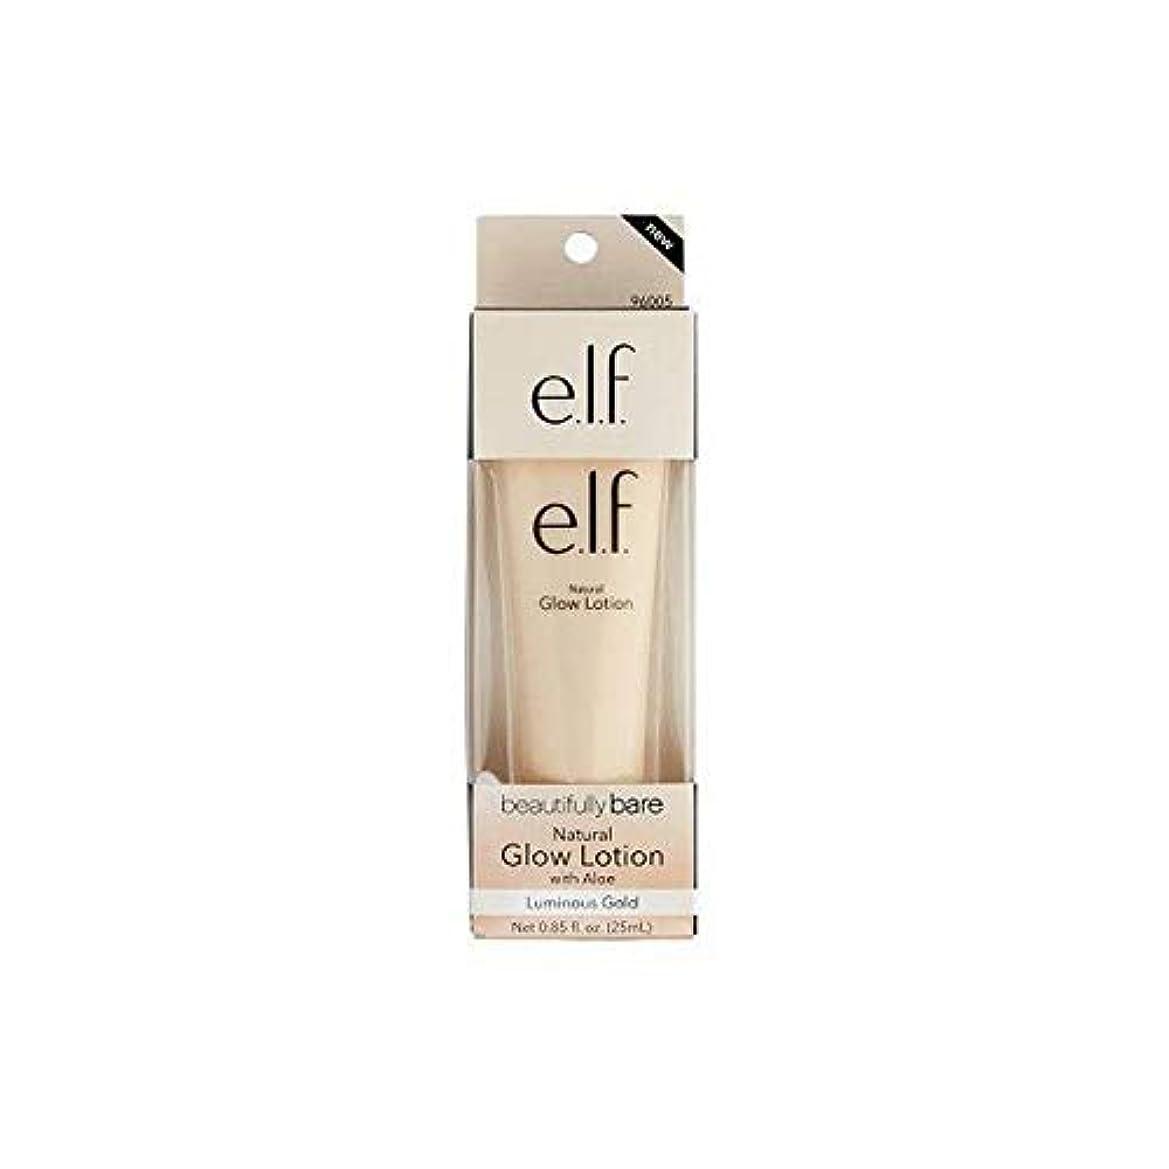 技術消化器ペレグリネーション[Elf ] エルフ。美しく裸自然グローローション金 - e.l.f. Beautifully Bare Natural Glow Lotion gold [並行輸入品]